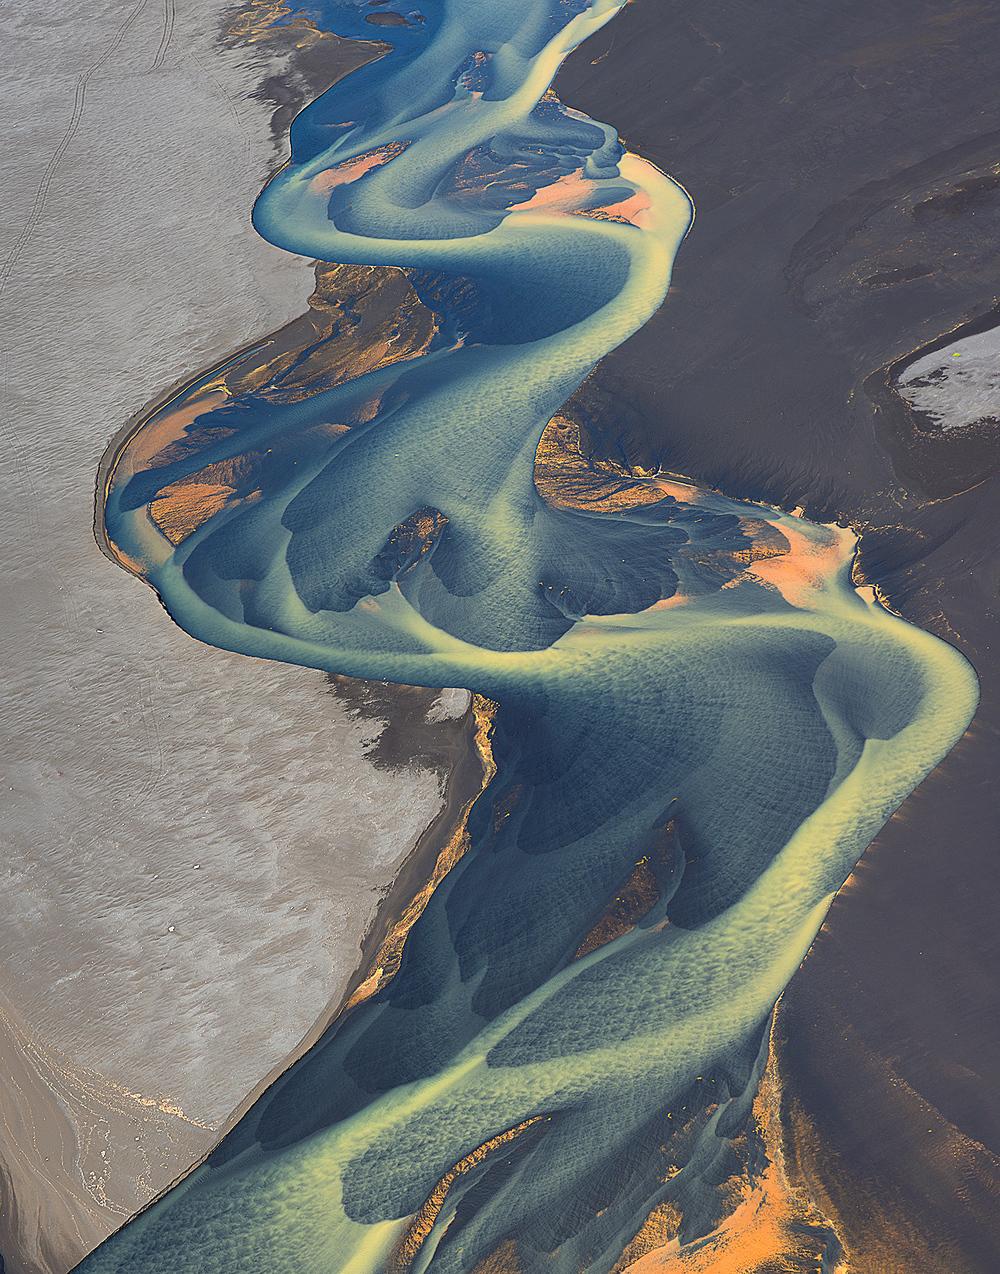 volcanic-river-iceland-andre-ermolaev-3.jpg